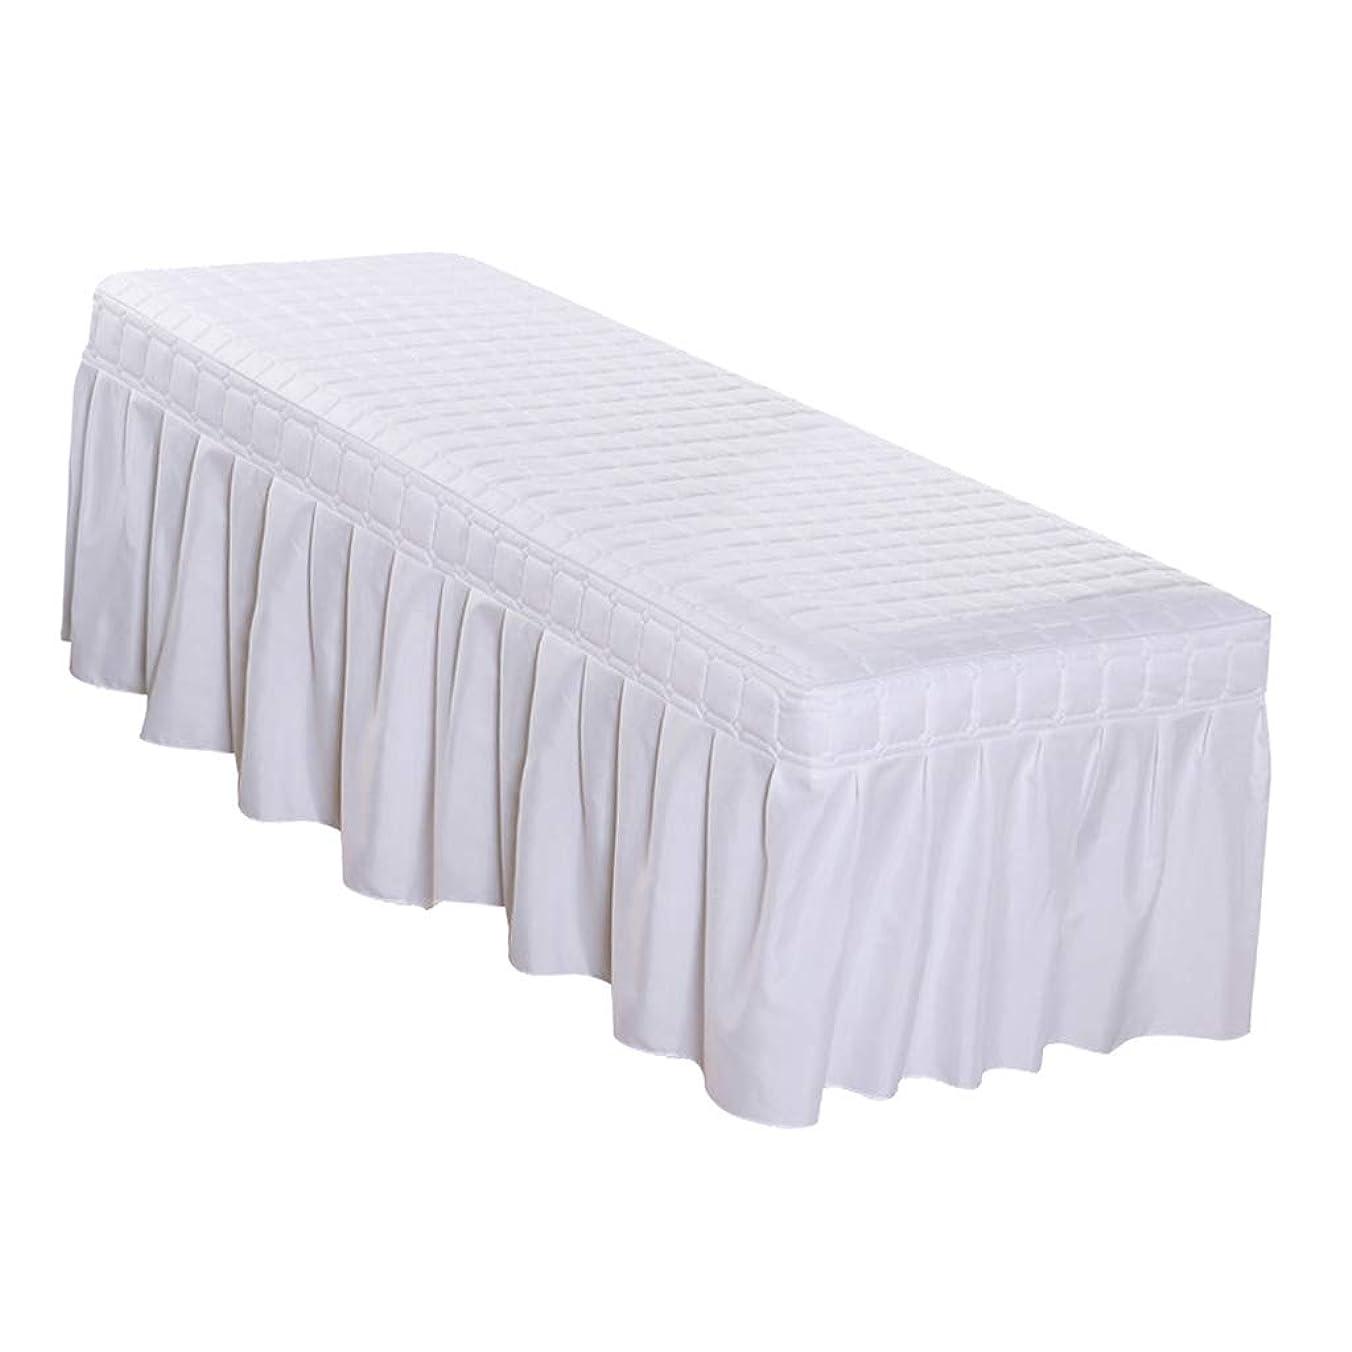 シンジケート死の顎マーカー全6色4サイズ ベッドタオル エステタオル マッサージ ベッドスカート付 エステカバー 穴付き - ホワイト, 185×70cm